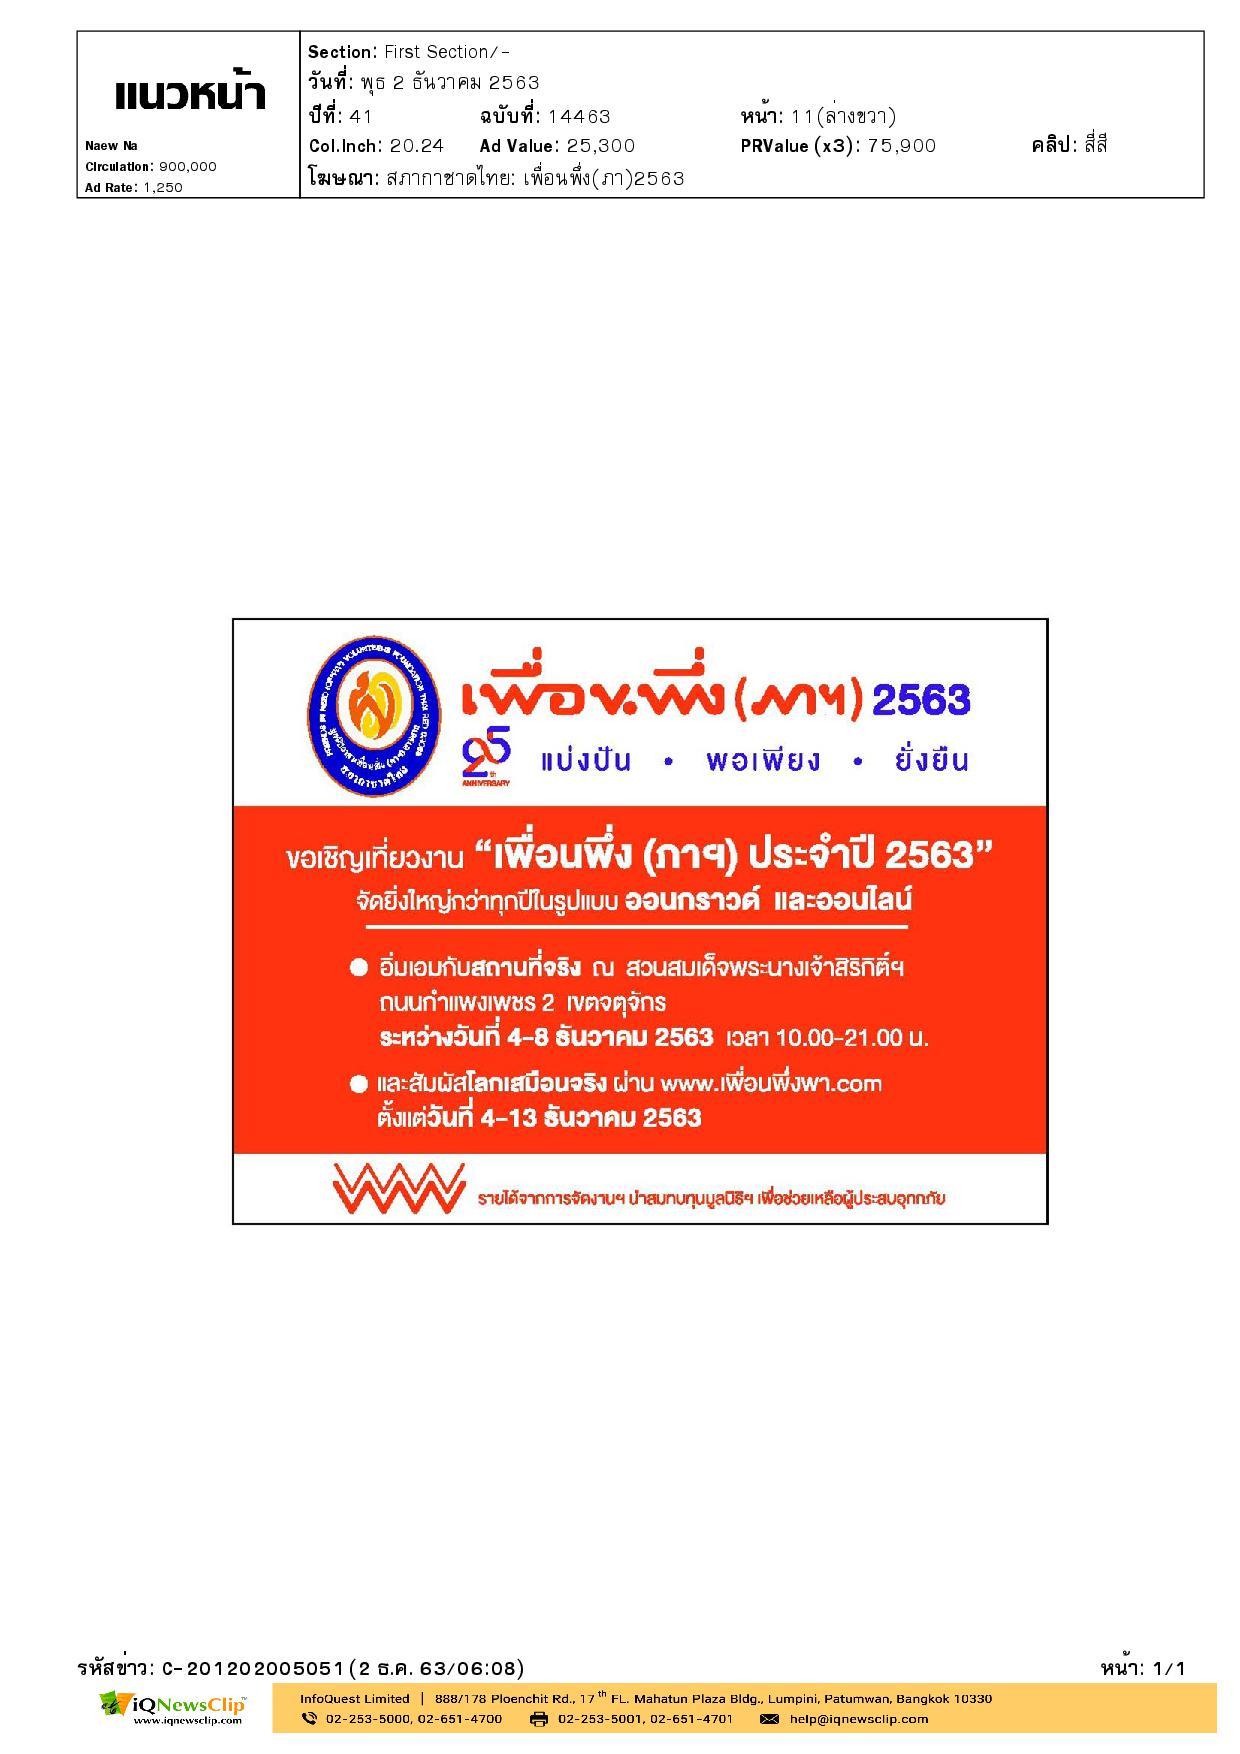 บริจาคสมทบทุนให้สภากาชาดไทย